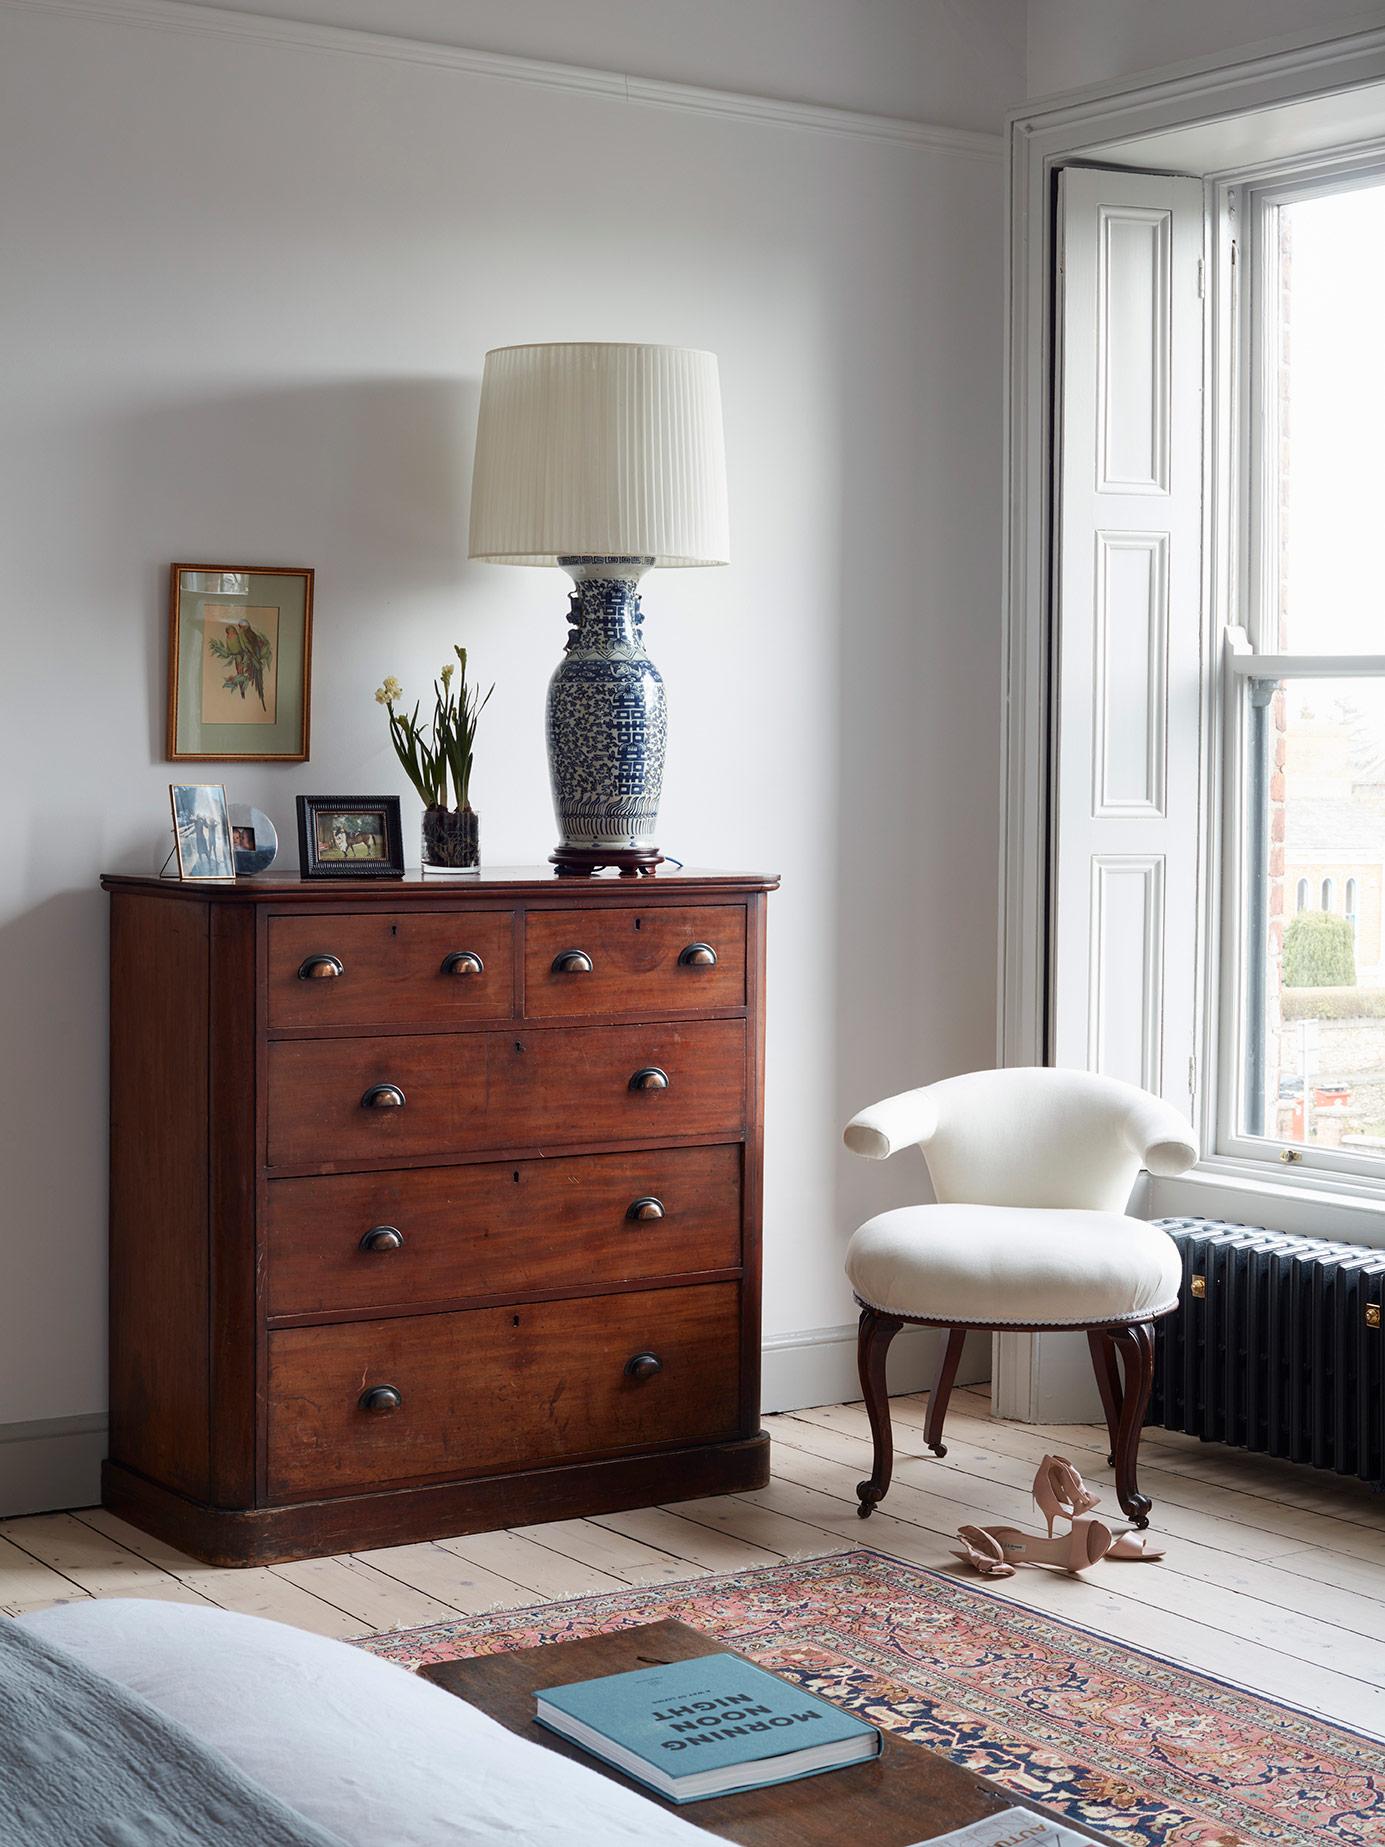 P&J – Rathgar – Bedroom Dresser